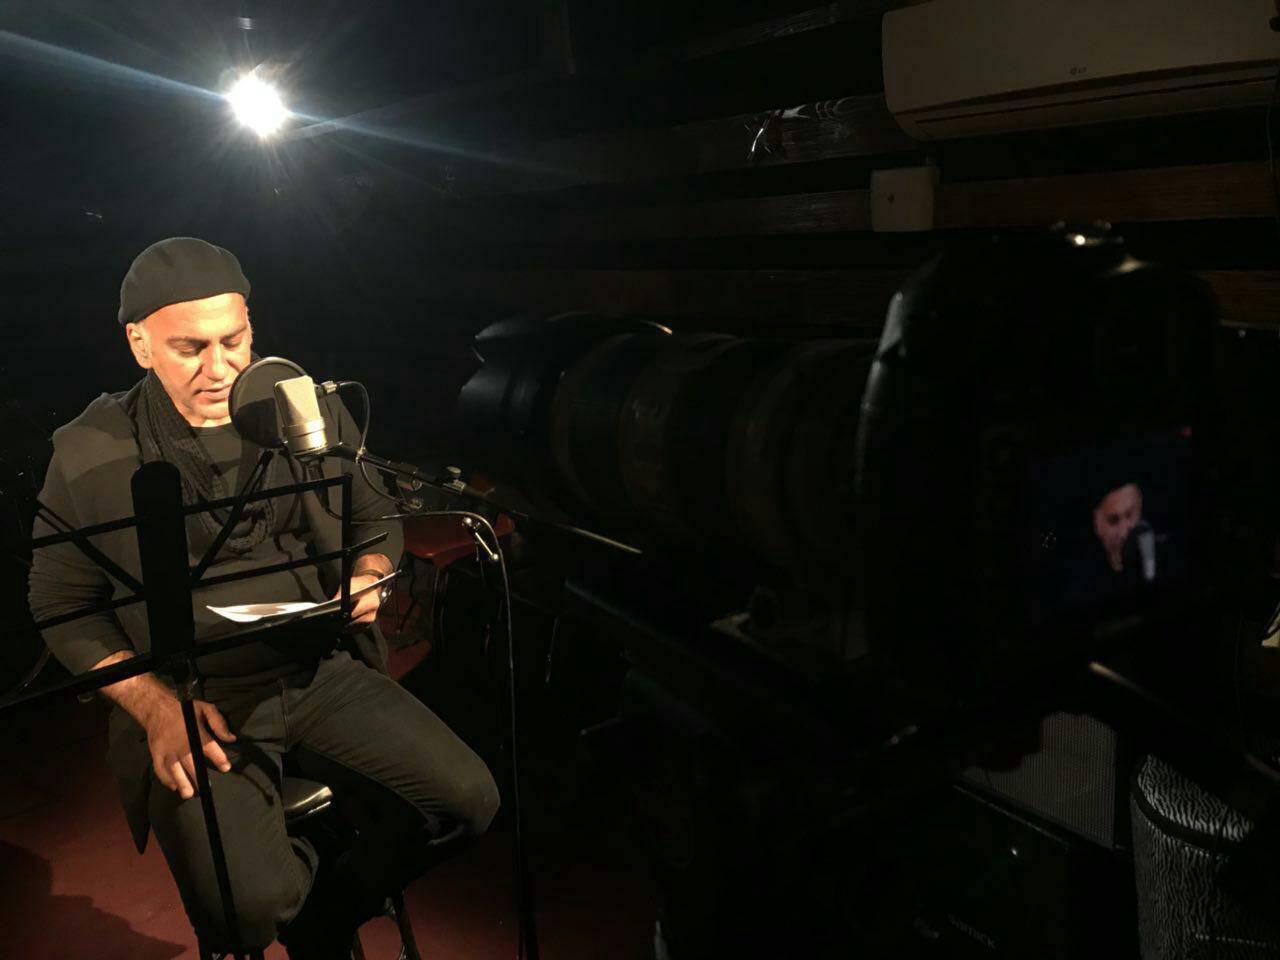 حمیدرضا آذرنگ و رضا یزدانی راویان مستند تاریخ استقلال